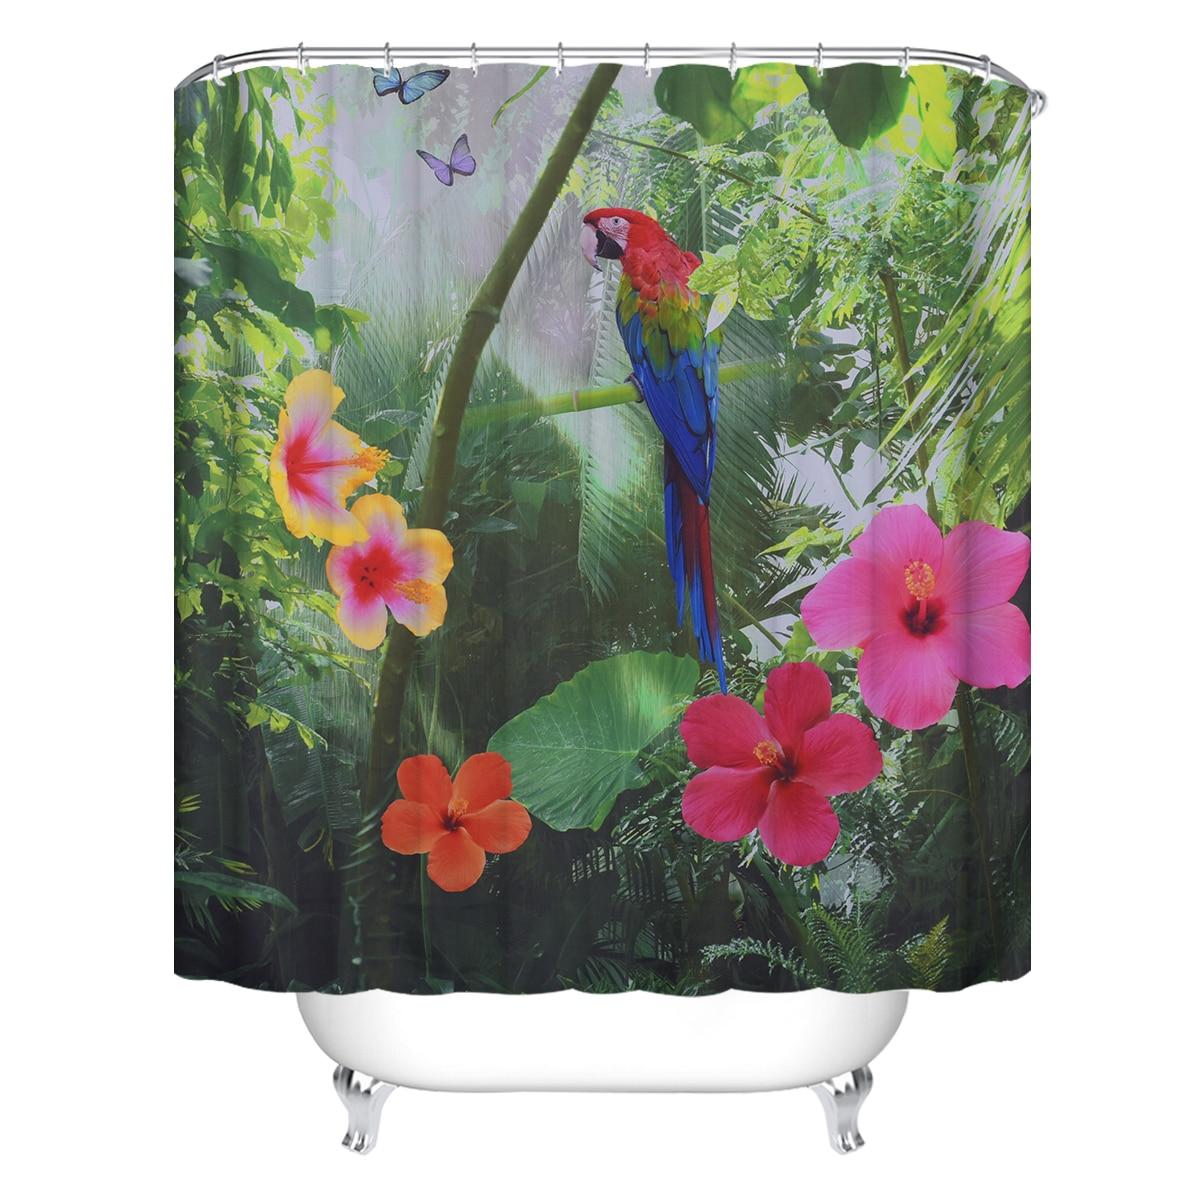 Badkamer ontwerp stijlen koop goedkope badkamer ontwerp stijlen ...